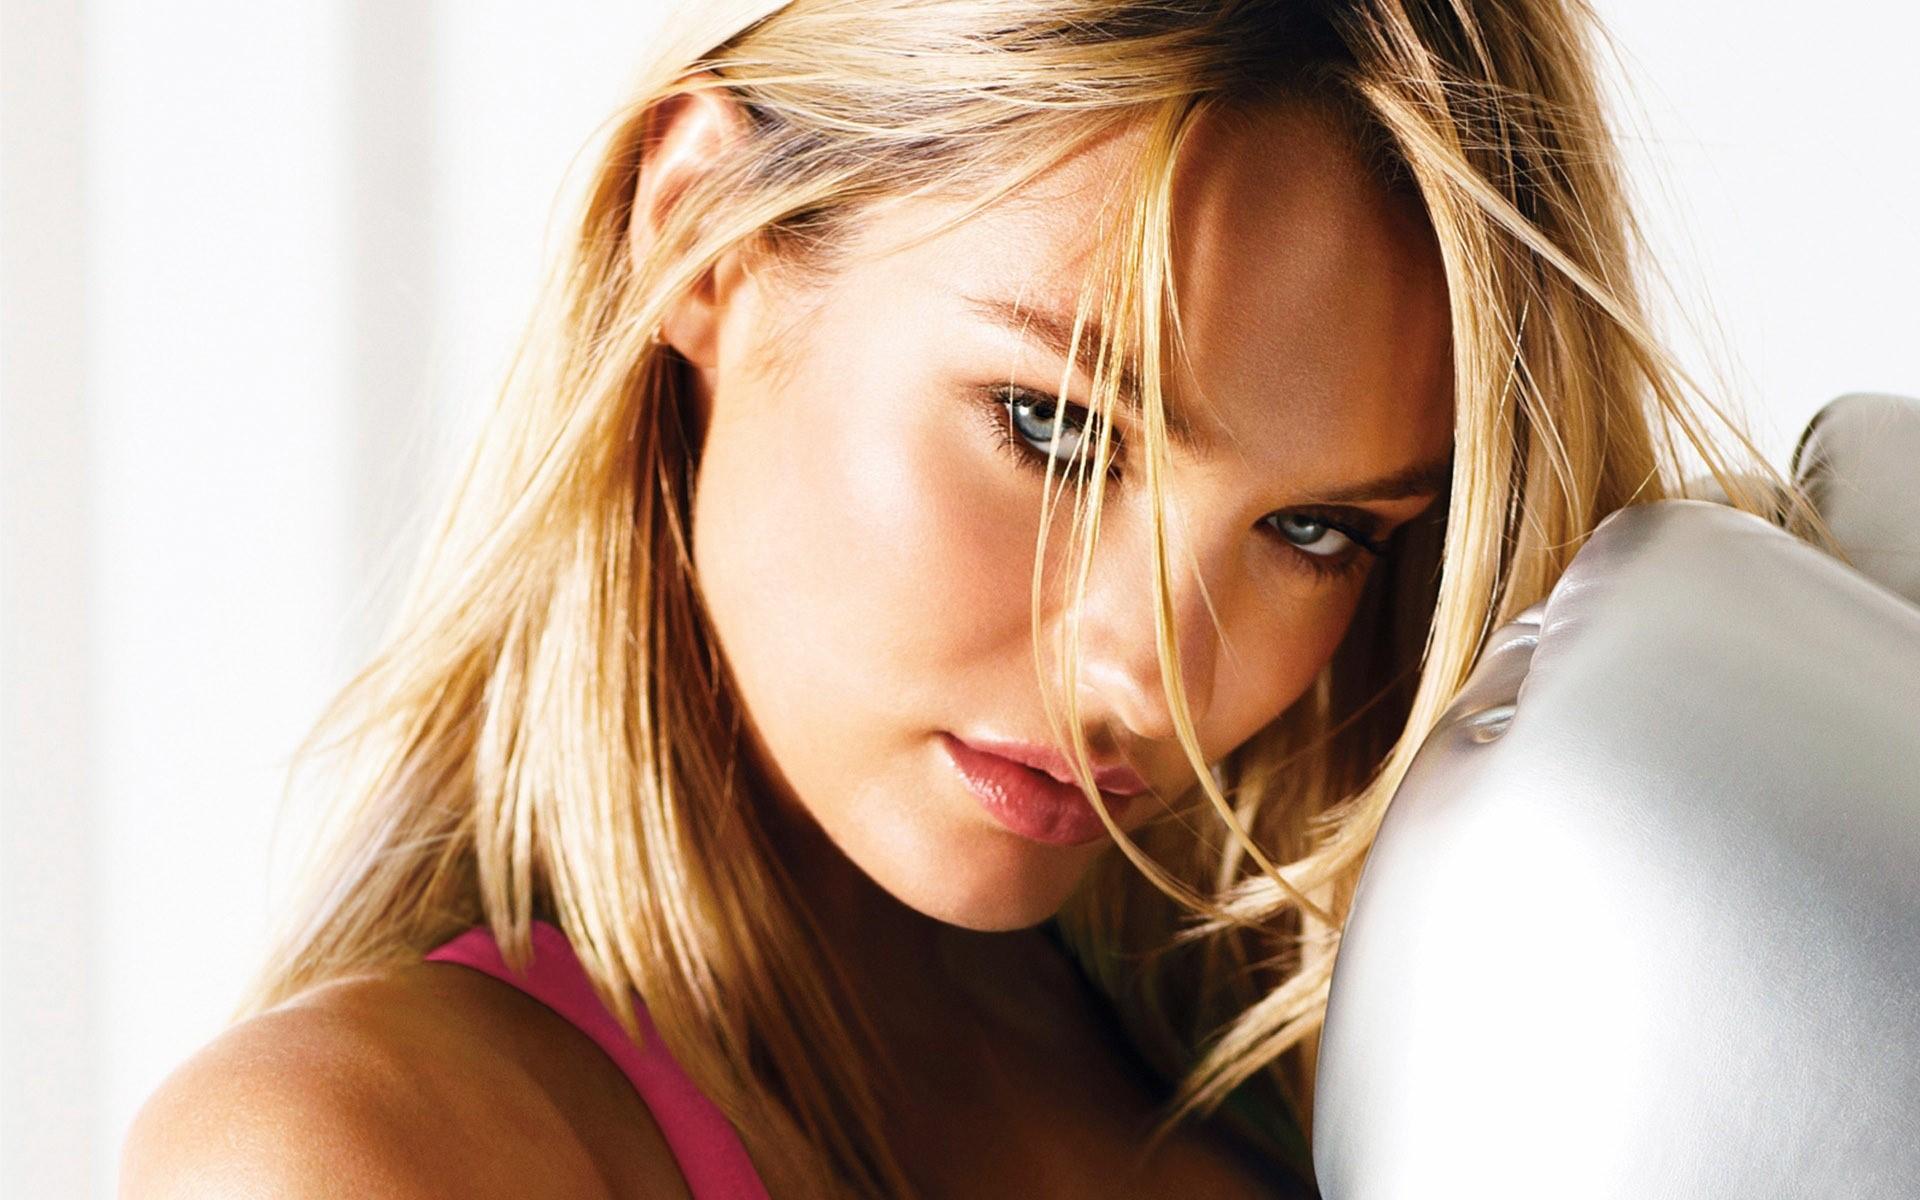 Fondos de pantalla Candice Swanepoel en una almoada